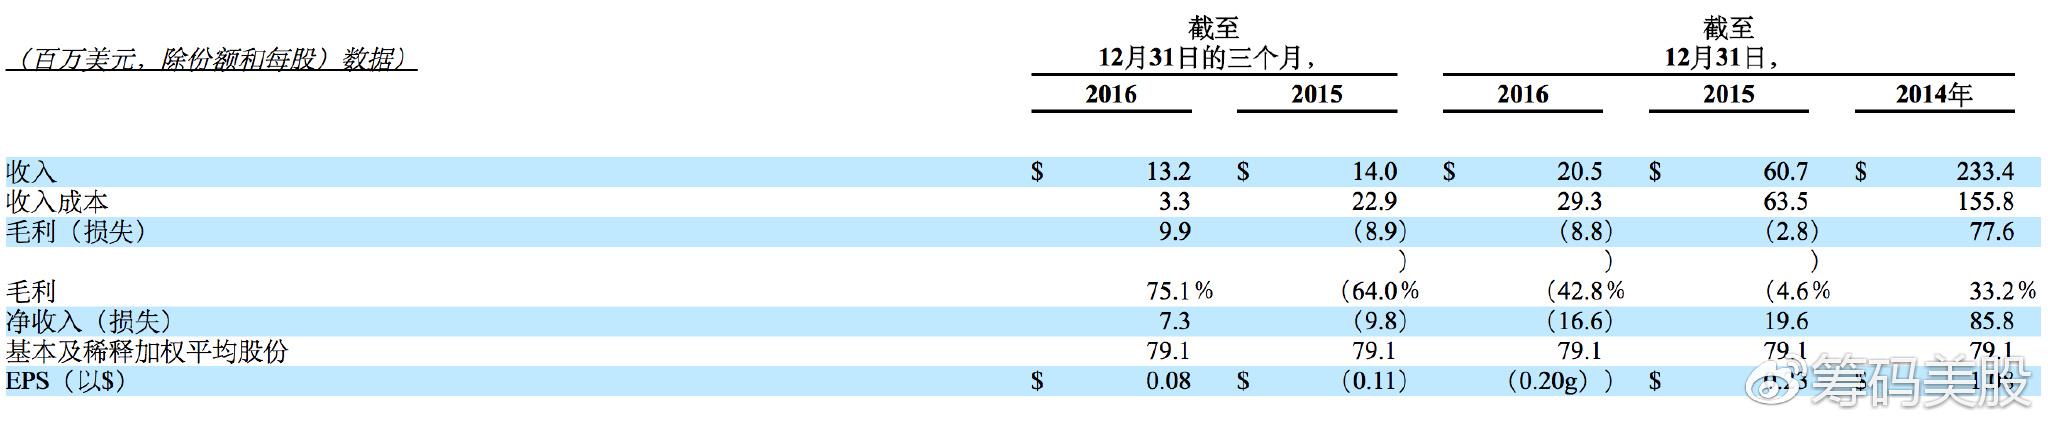 2016年财务数据摘要(单位:百万美元,股份和每股收益除外)